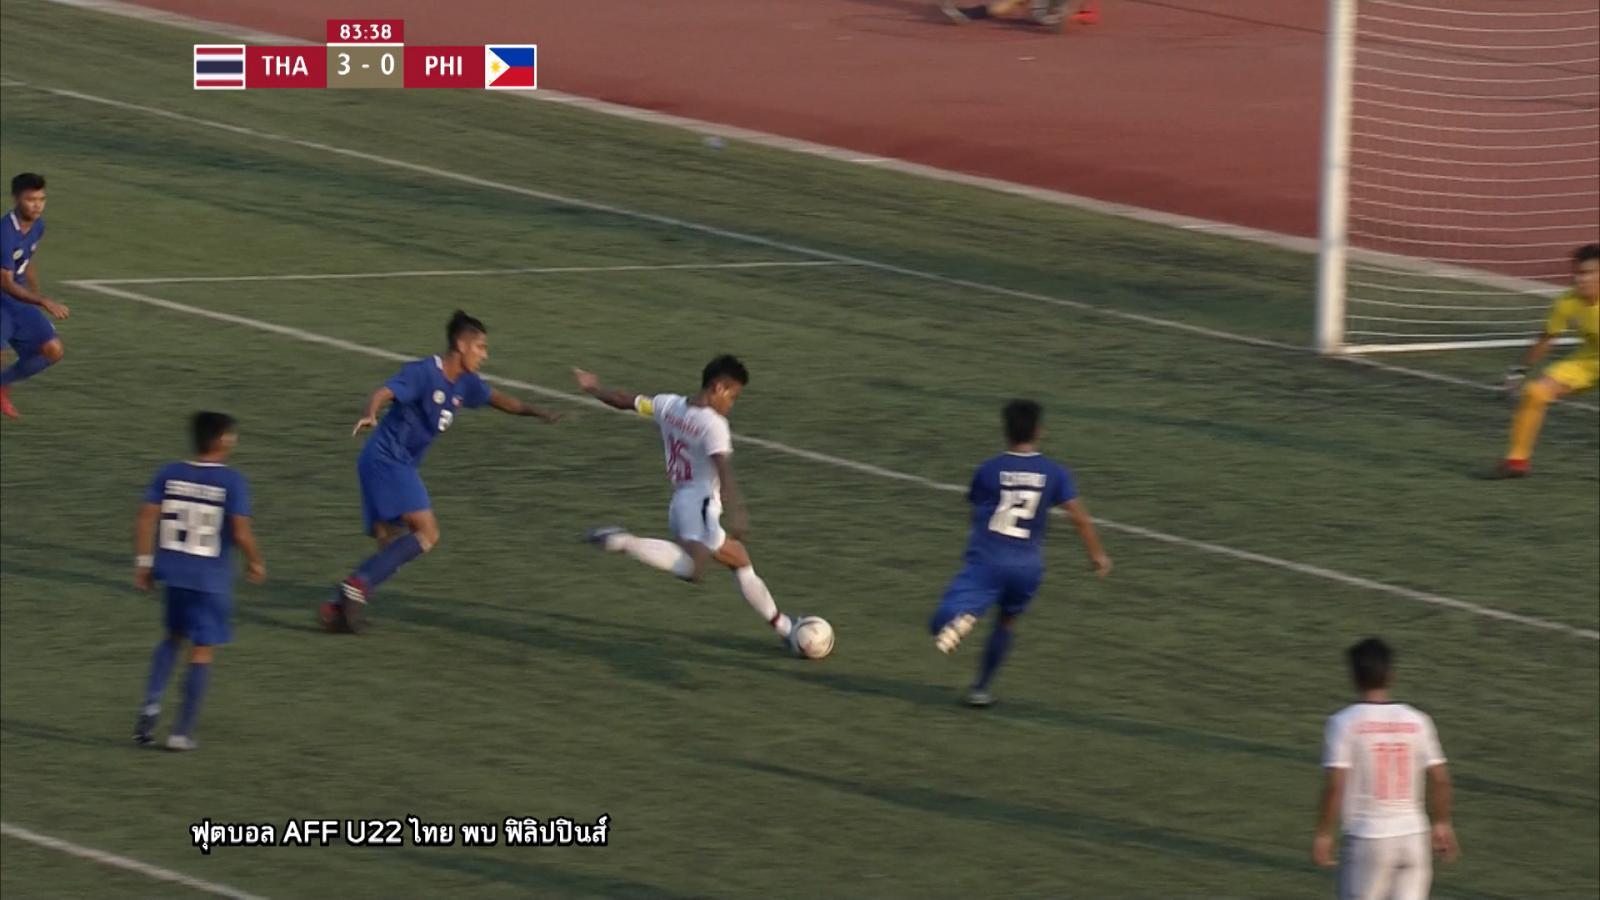 """ไฮไลท์ ทีมชาติไทย เอาชนะ ทีมชาติฟิลิปปินส์ 3 - 0 ศึก """"AFF U22 LG Cup 2019"""""""